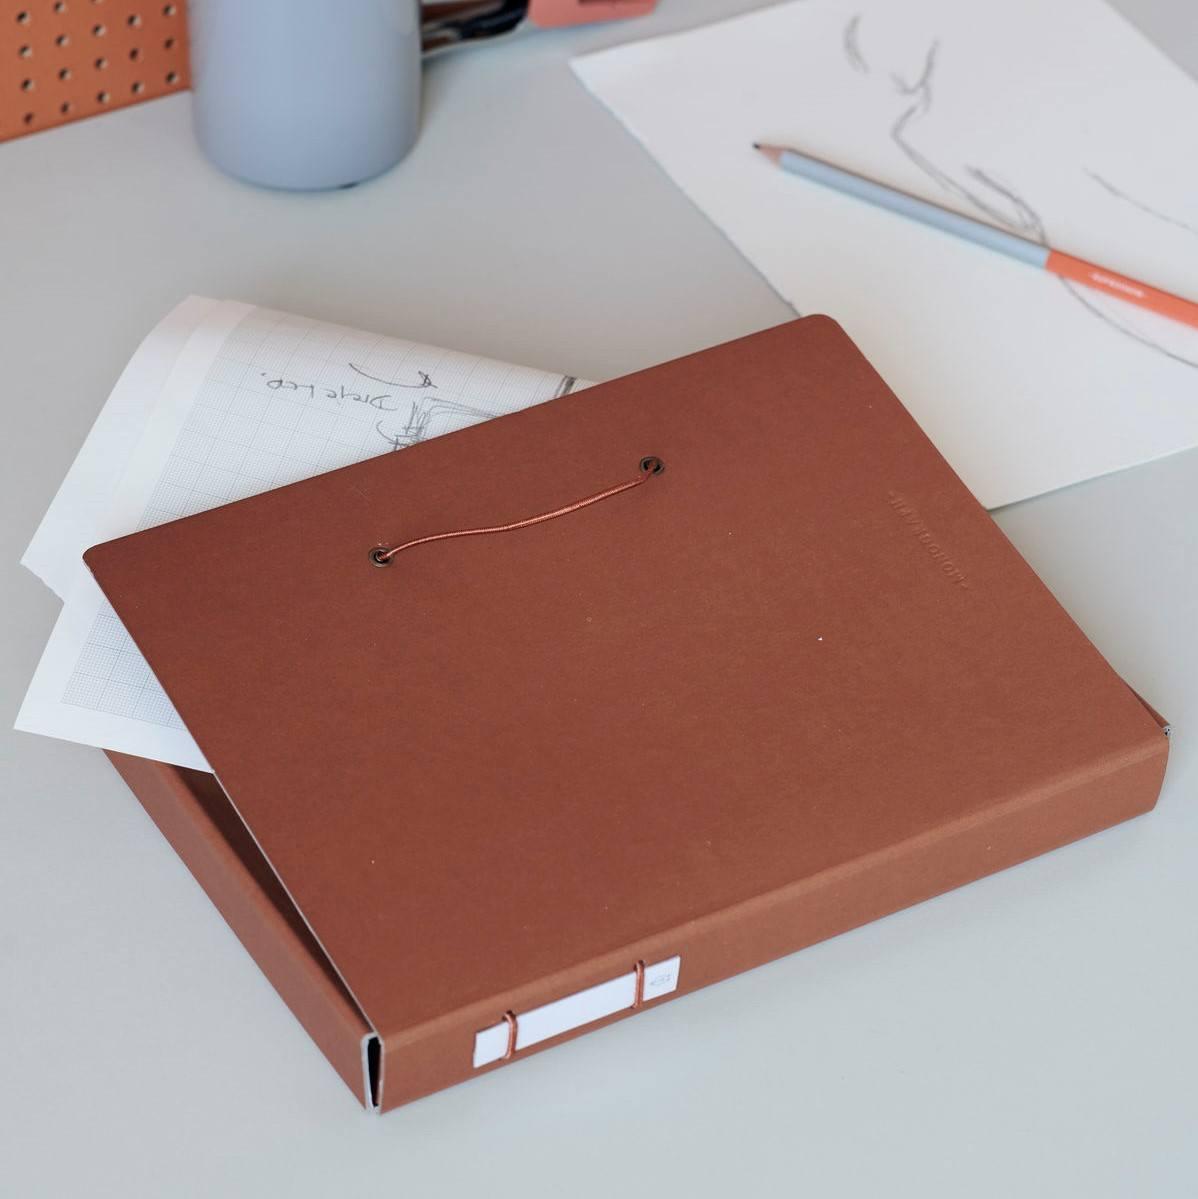 MONOGRAPH Papírová složka na dokumenty Cognac, oranžová barva, hnědá barva, papír